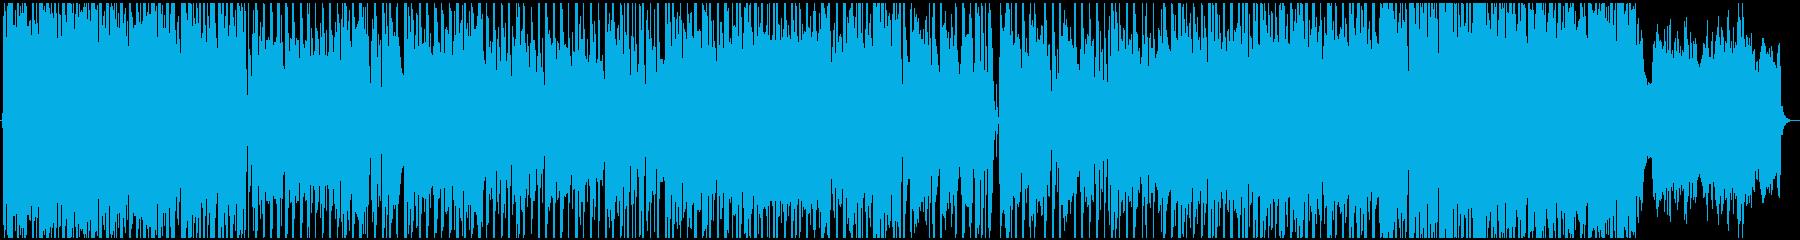 切なさを感じるポップなBGM の再生済みの波形